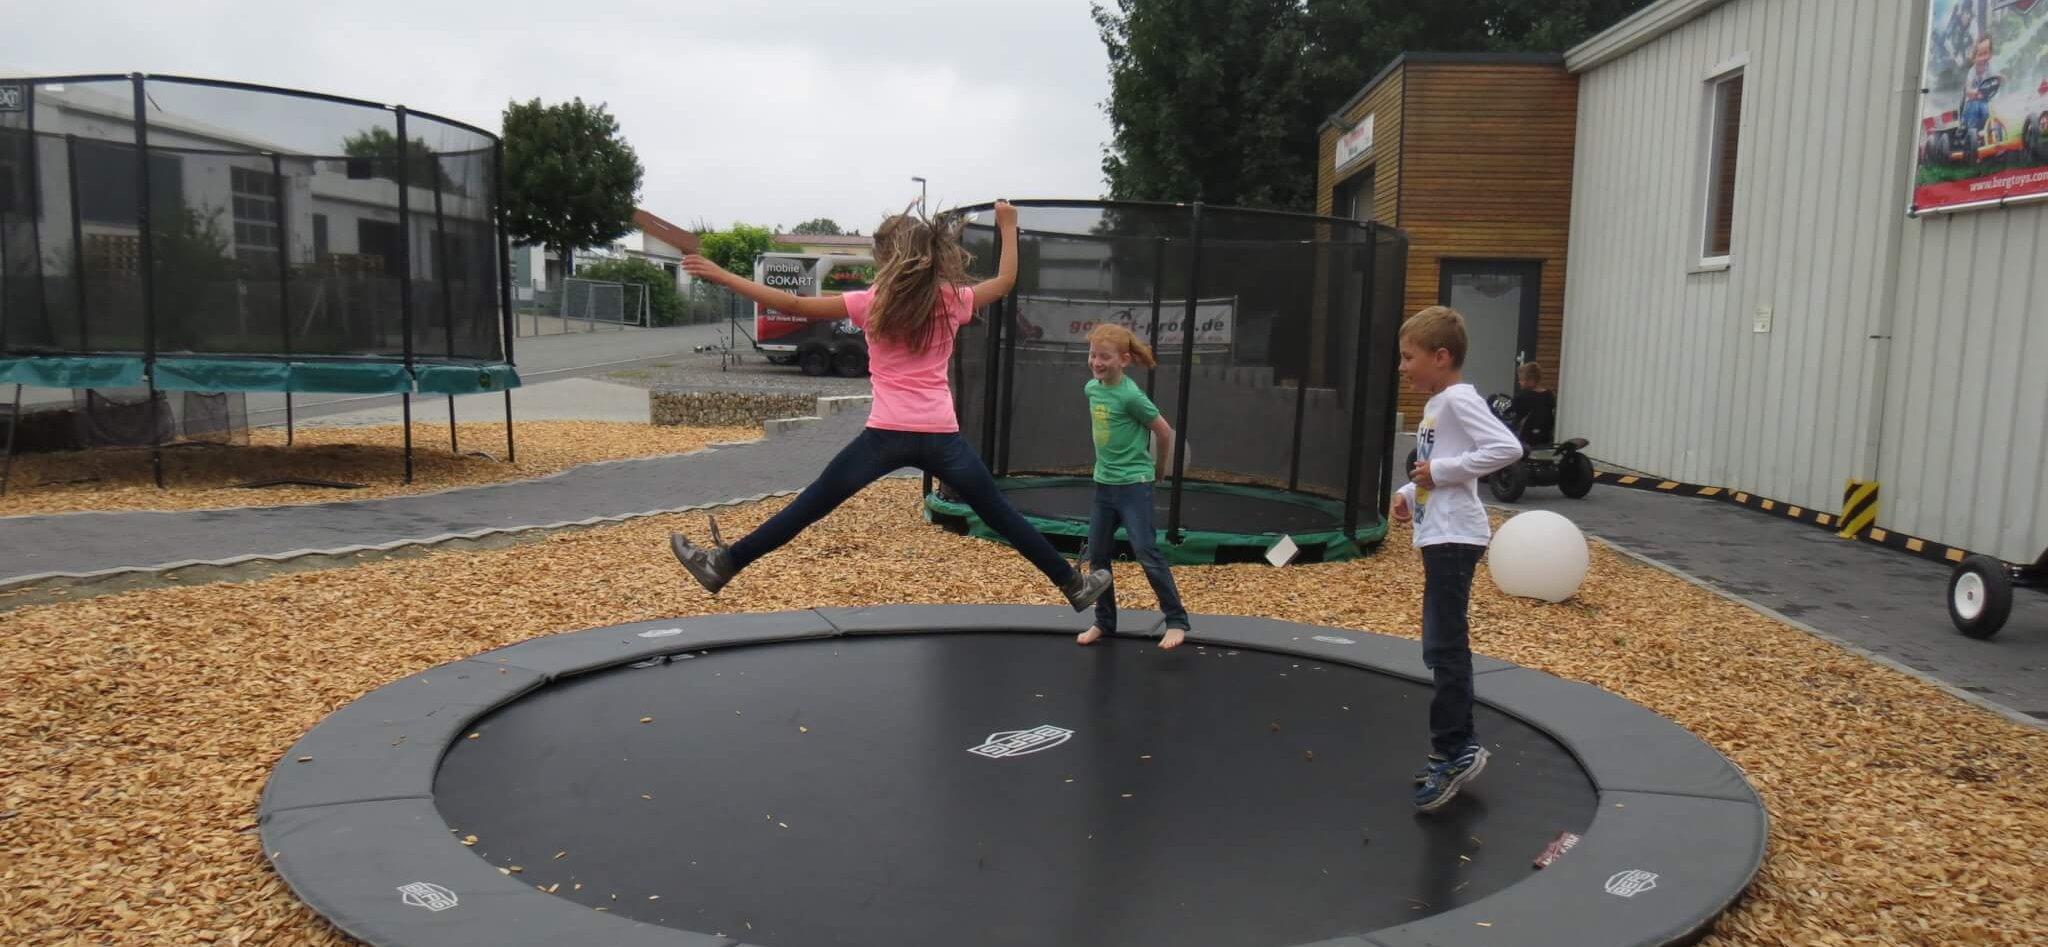 Trampolin Ferienprogramm bei trampolin-profi.de Sommer 2017